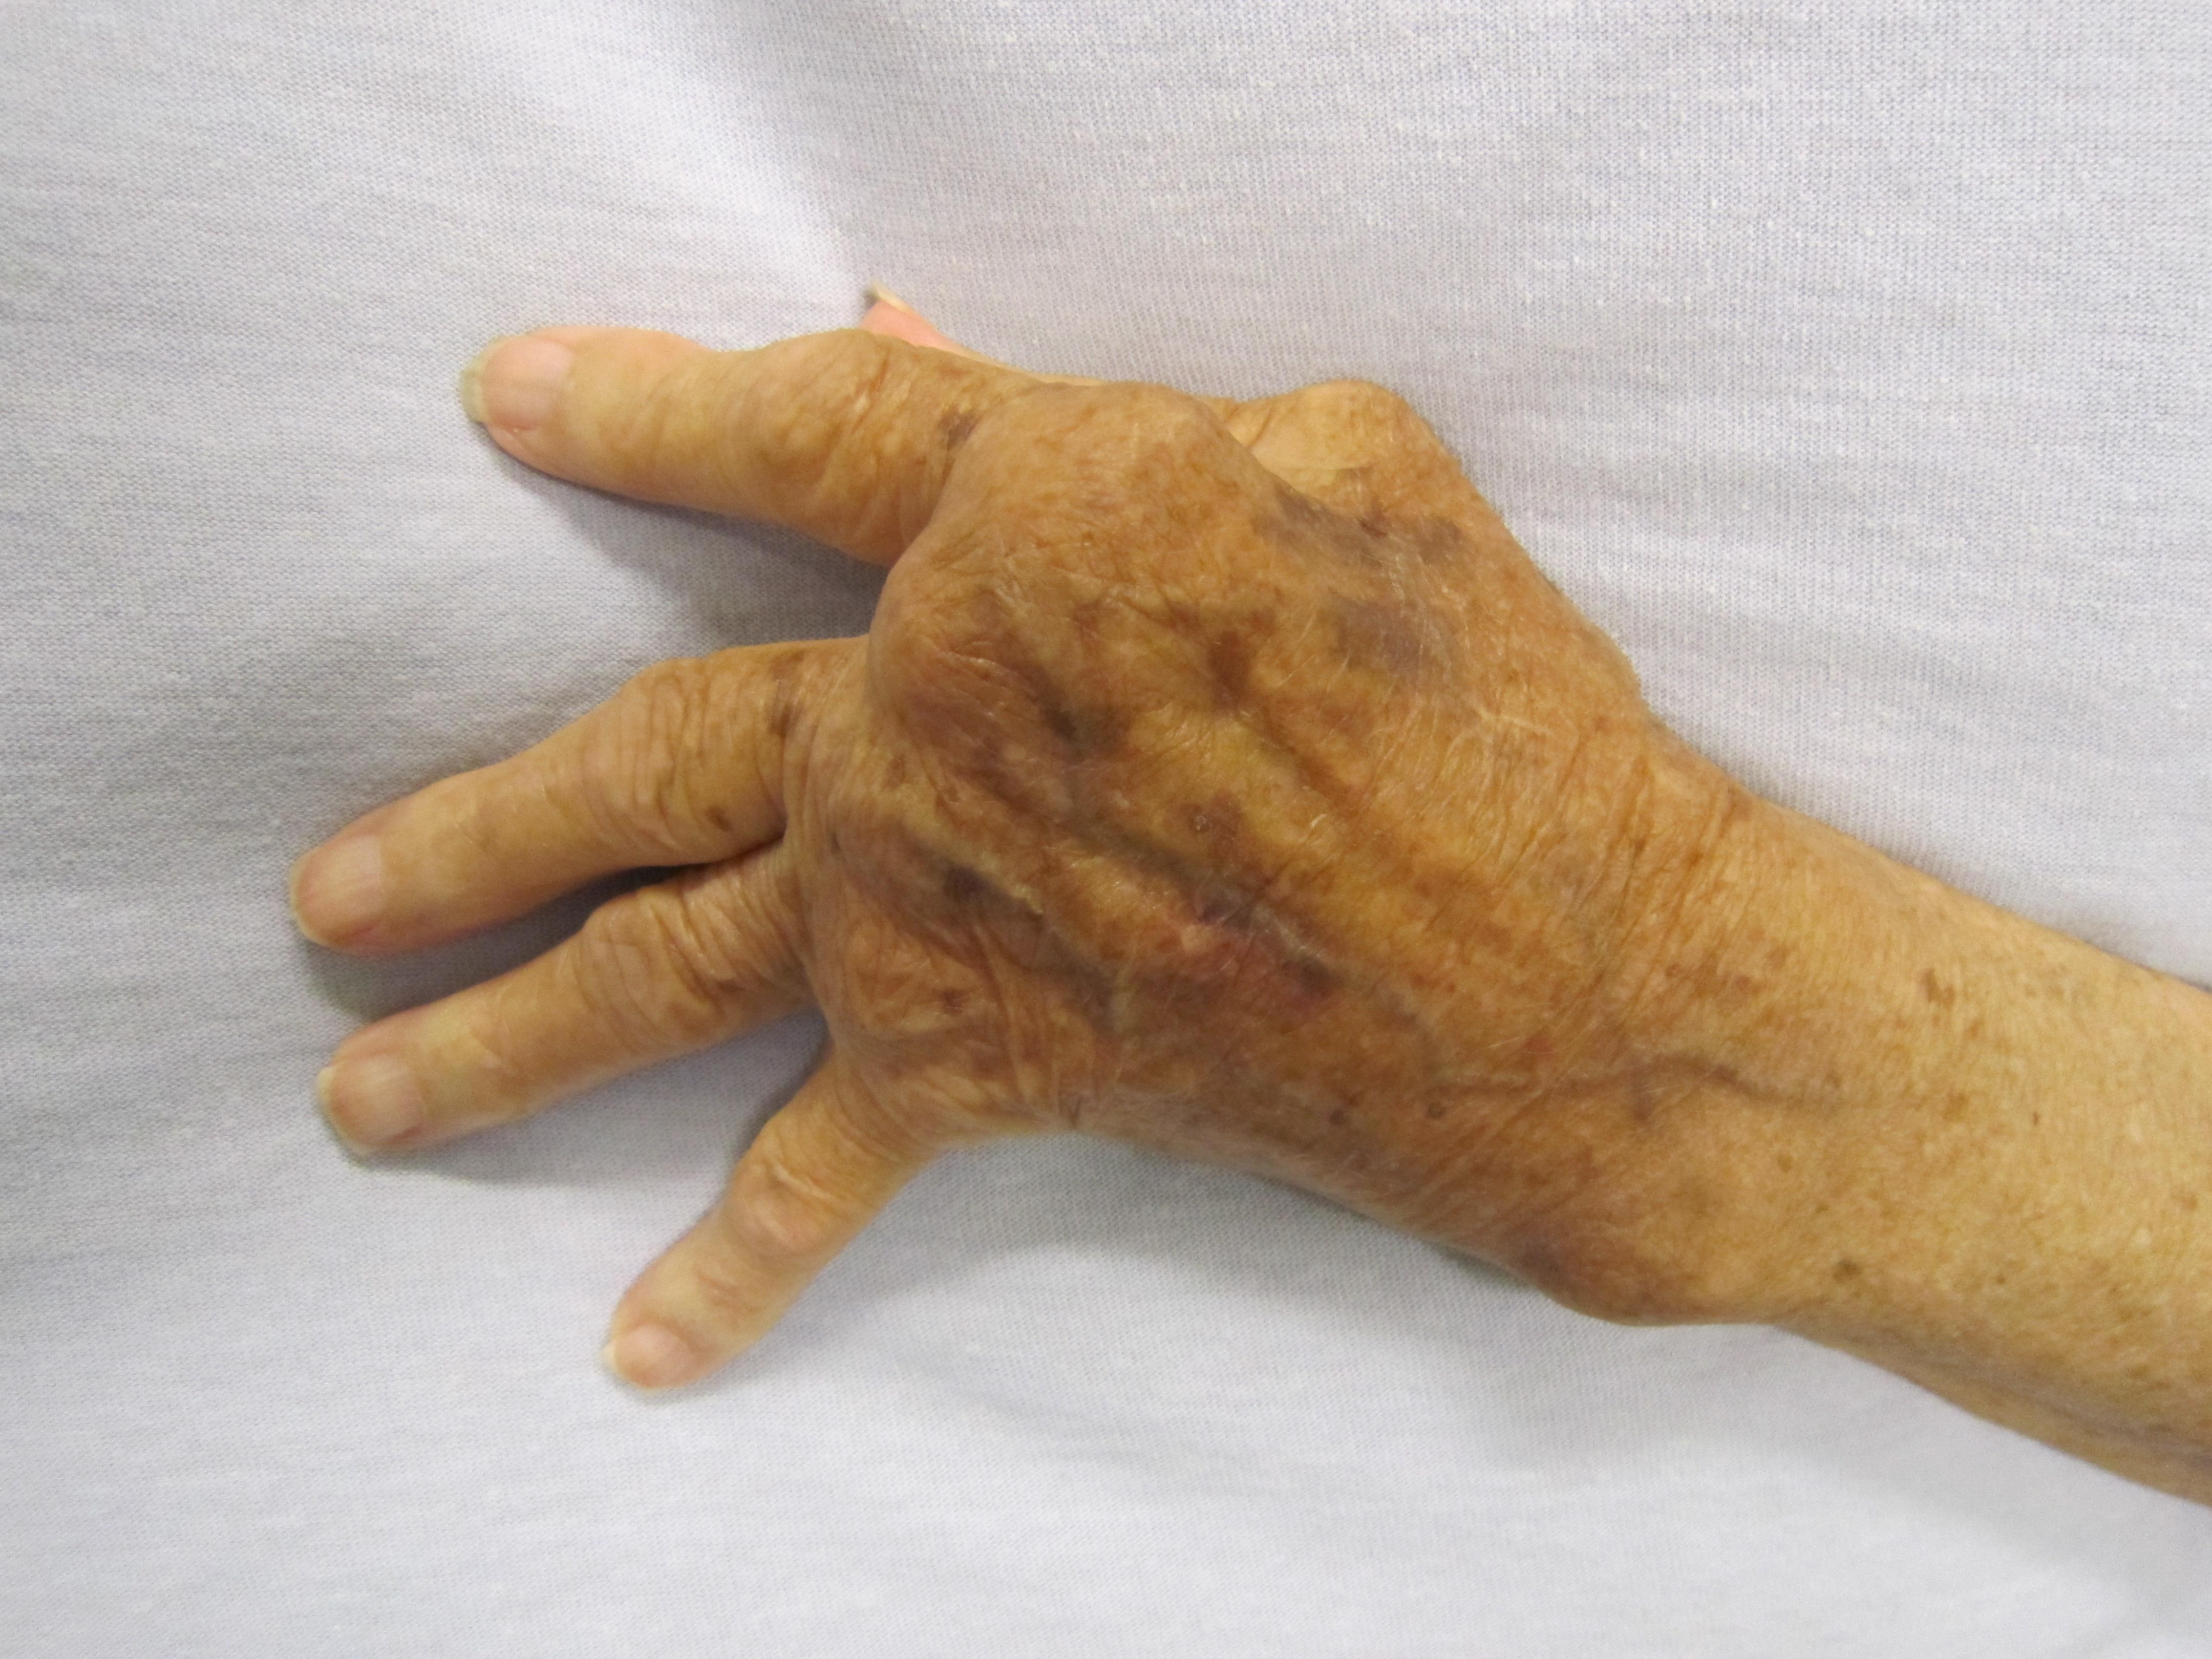 Kúpkezelés a hüvelykujj lábain műtét nélkül - Más -